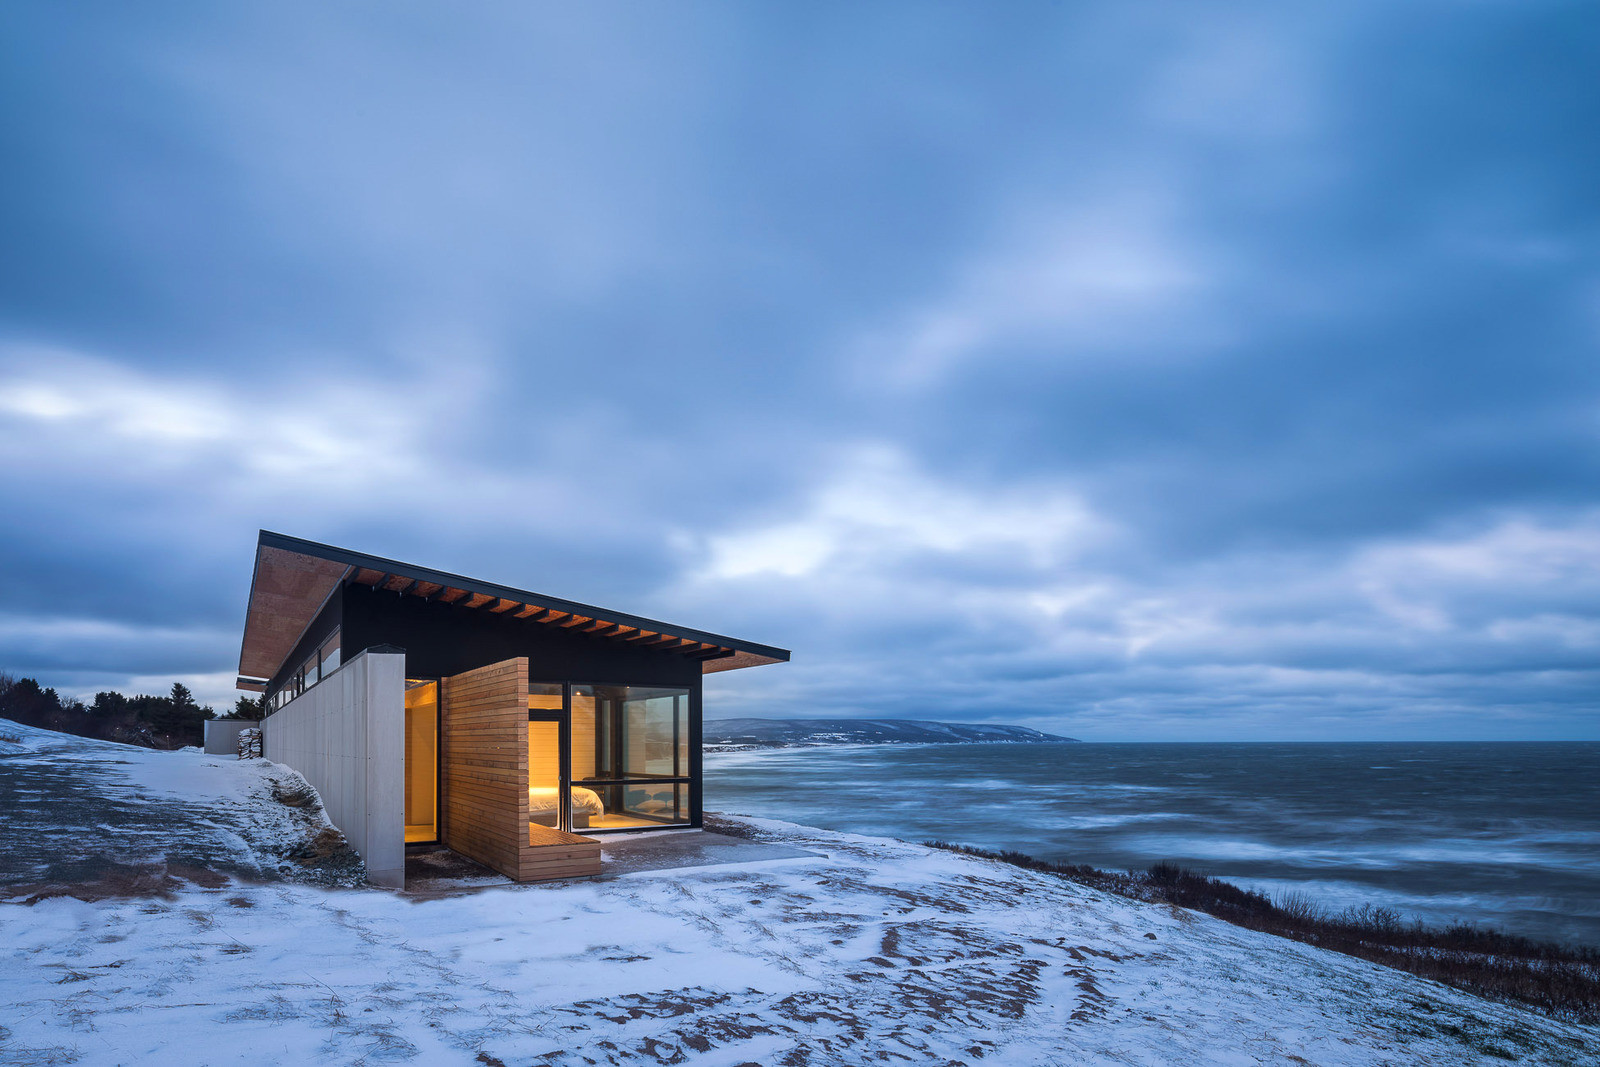 Загородный дом на берегу океана в Канаде